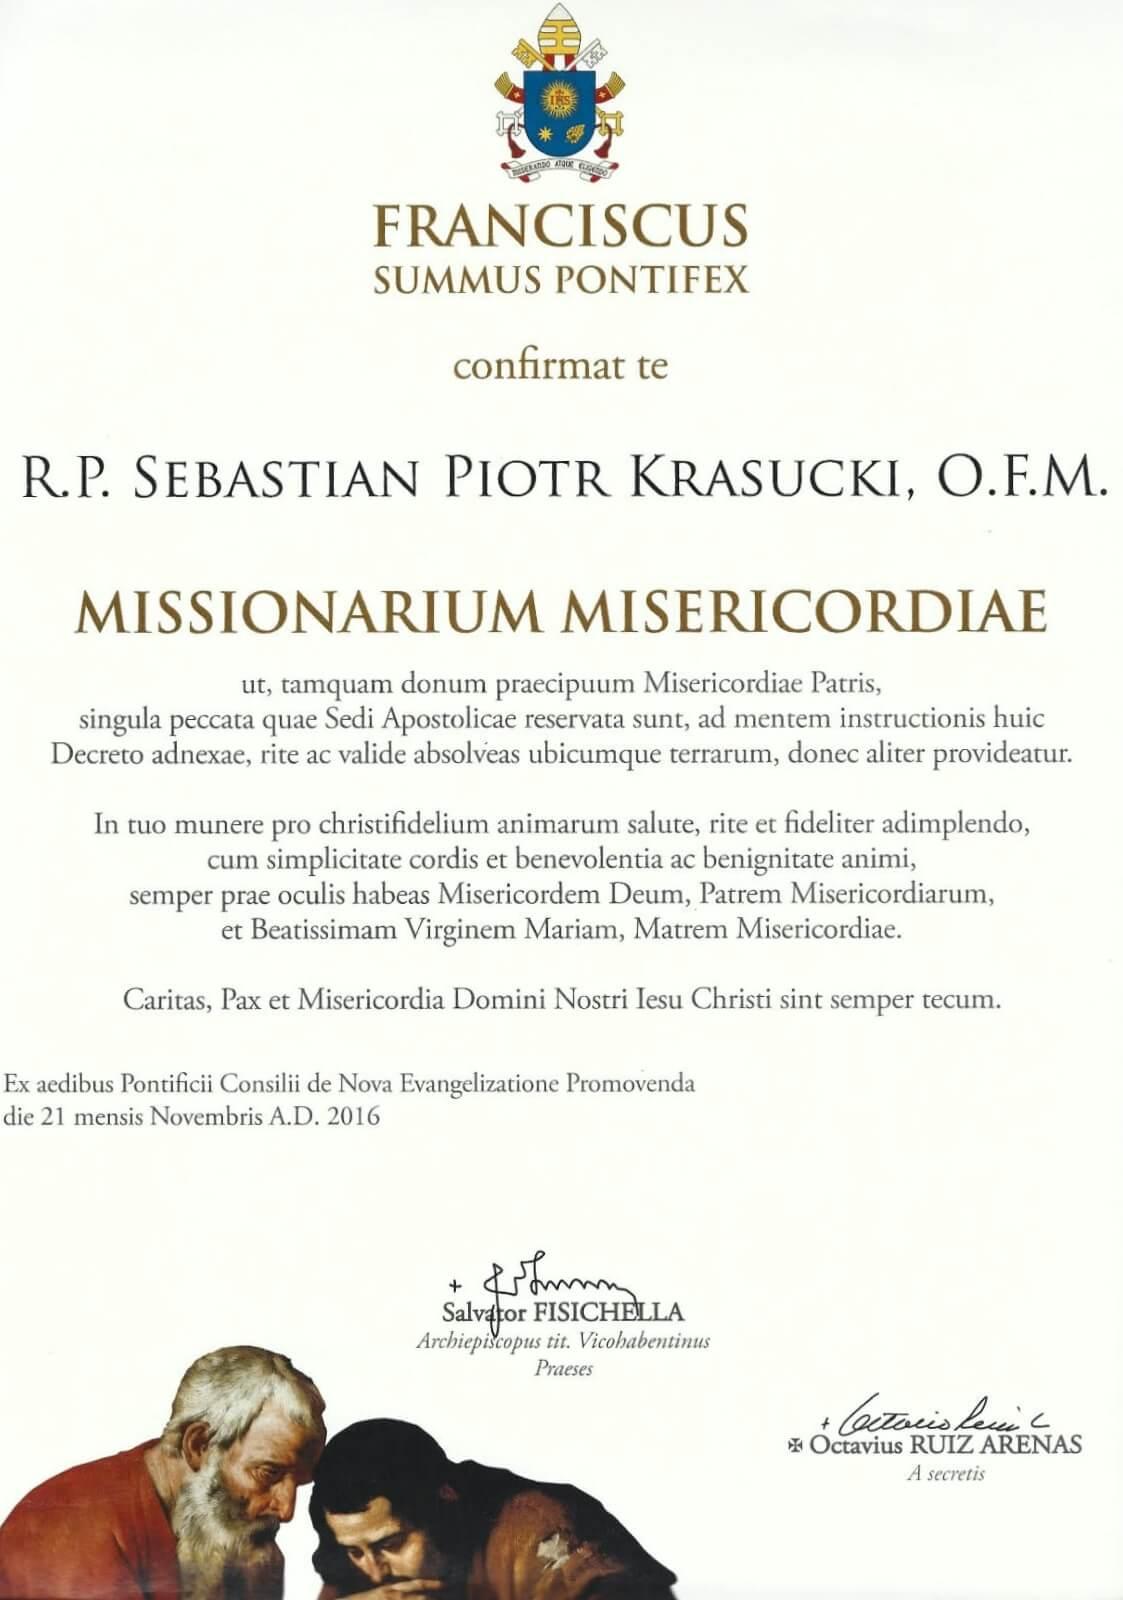 Akt nominacji ojca Tarsycjusza na papieskiego misjonarza miłosierdzia